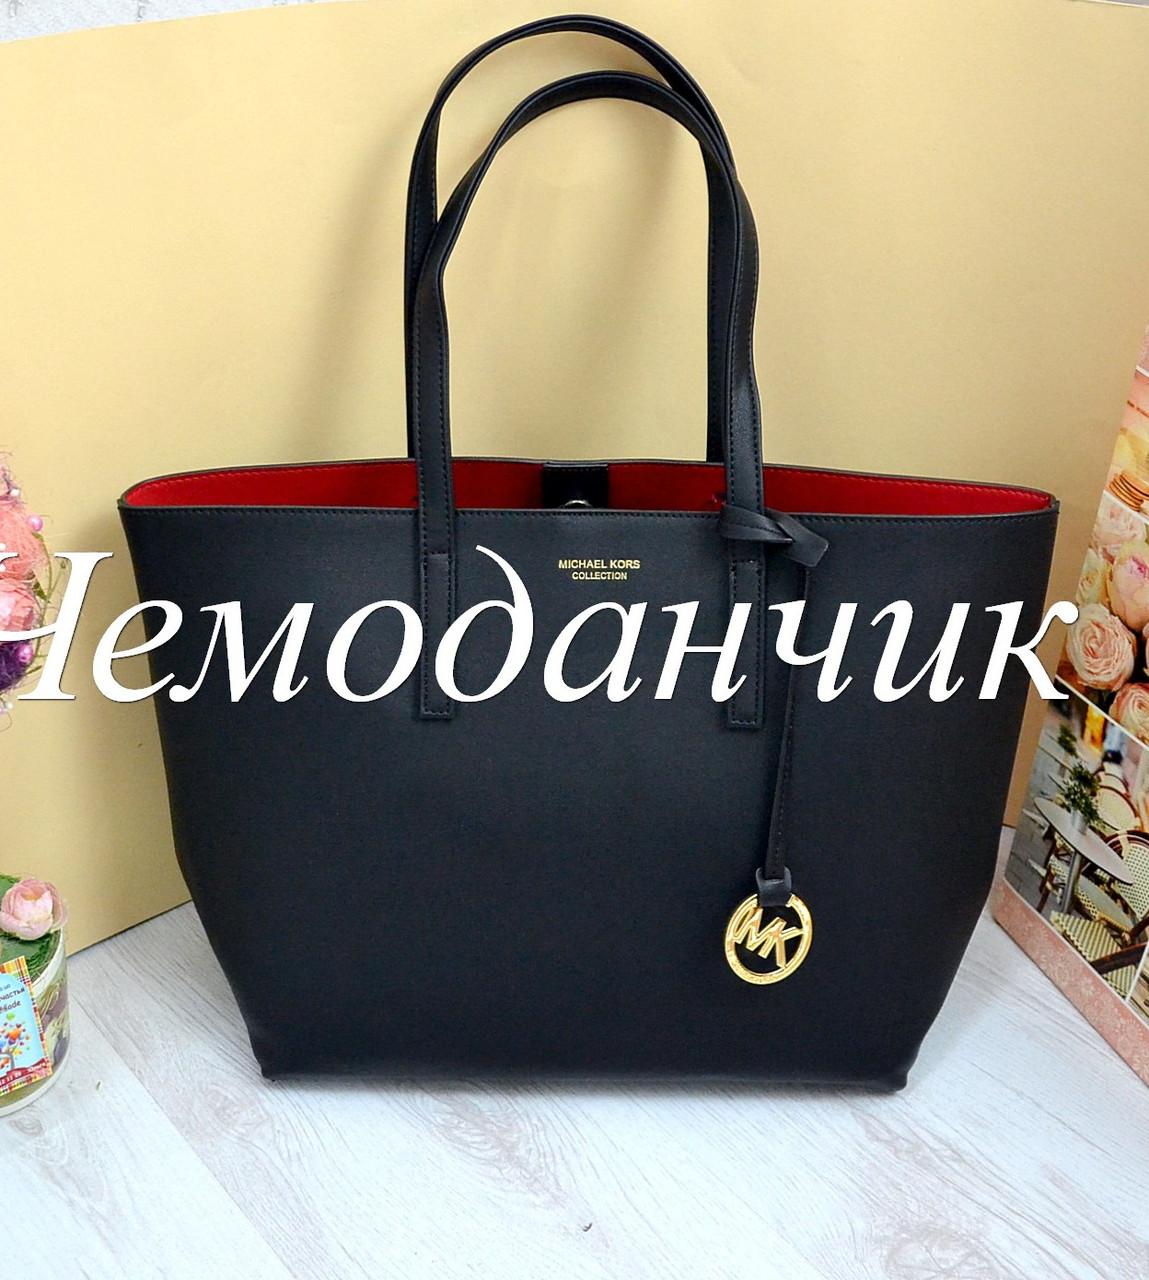 91bc69d42da7 Сумка Майкл Корс с косметичкой внутри - ЧЕМОДАНЧИК - самые красивые сумочки  по самой приятной цене